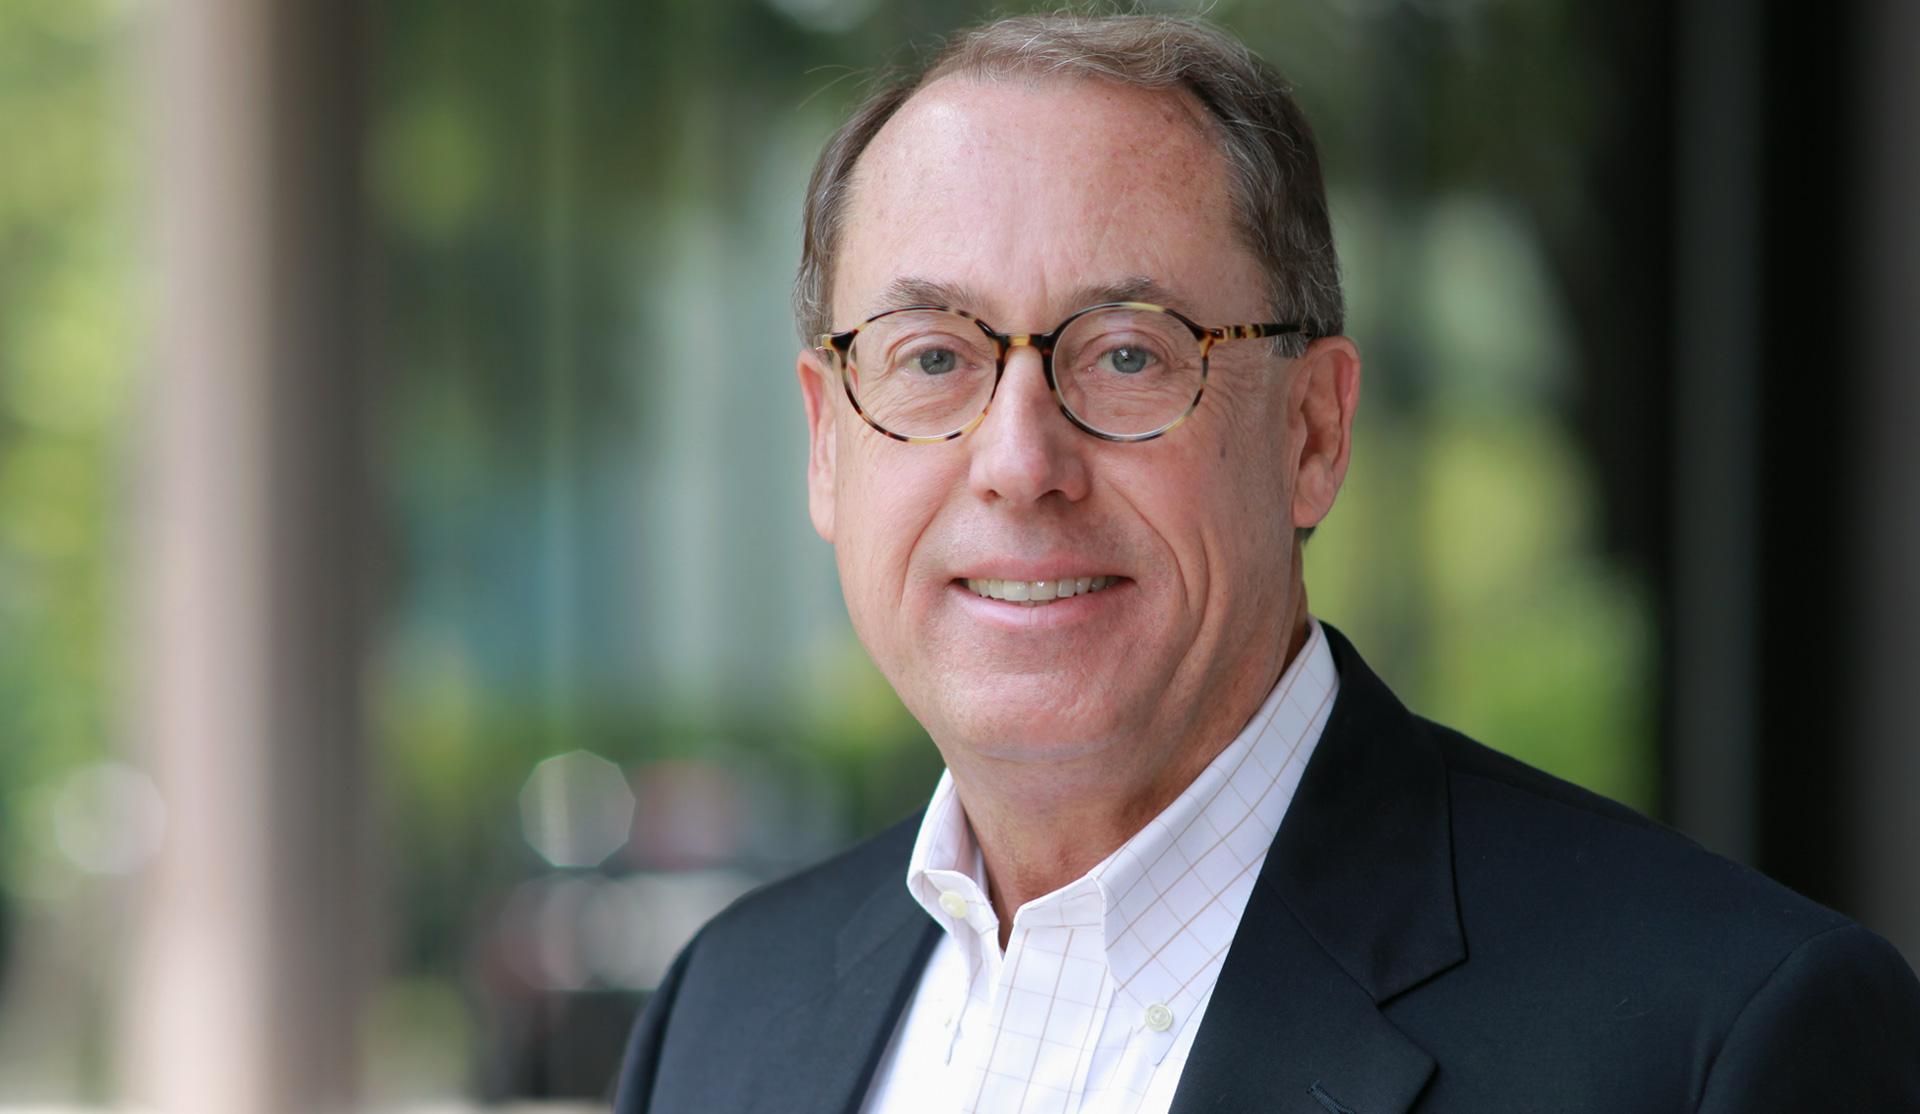 John Howard, CPA, JD, CFP®